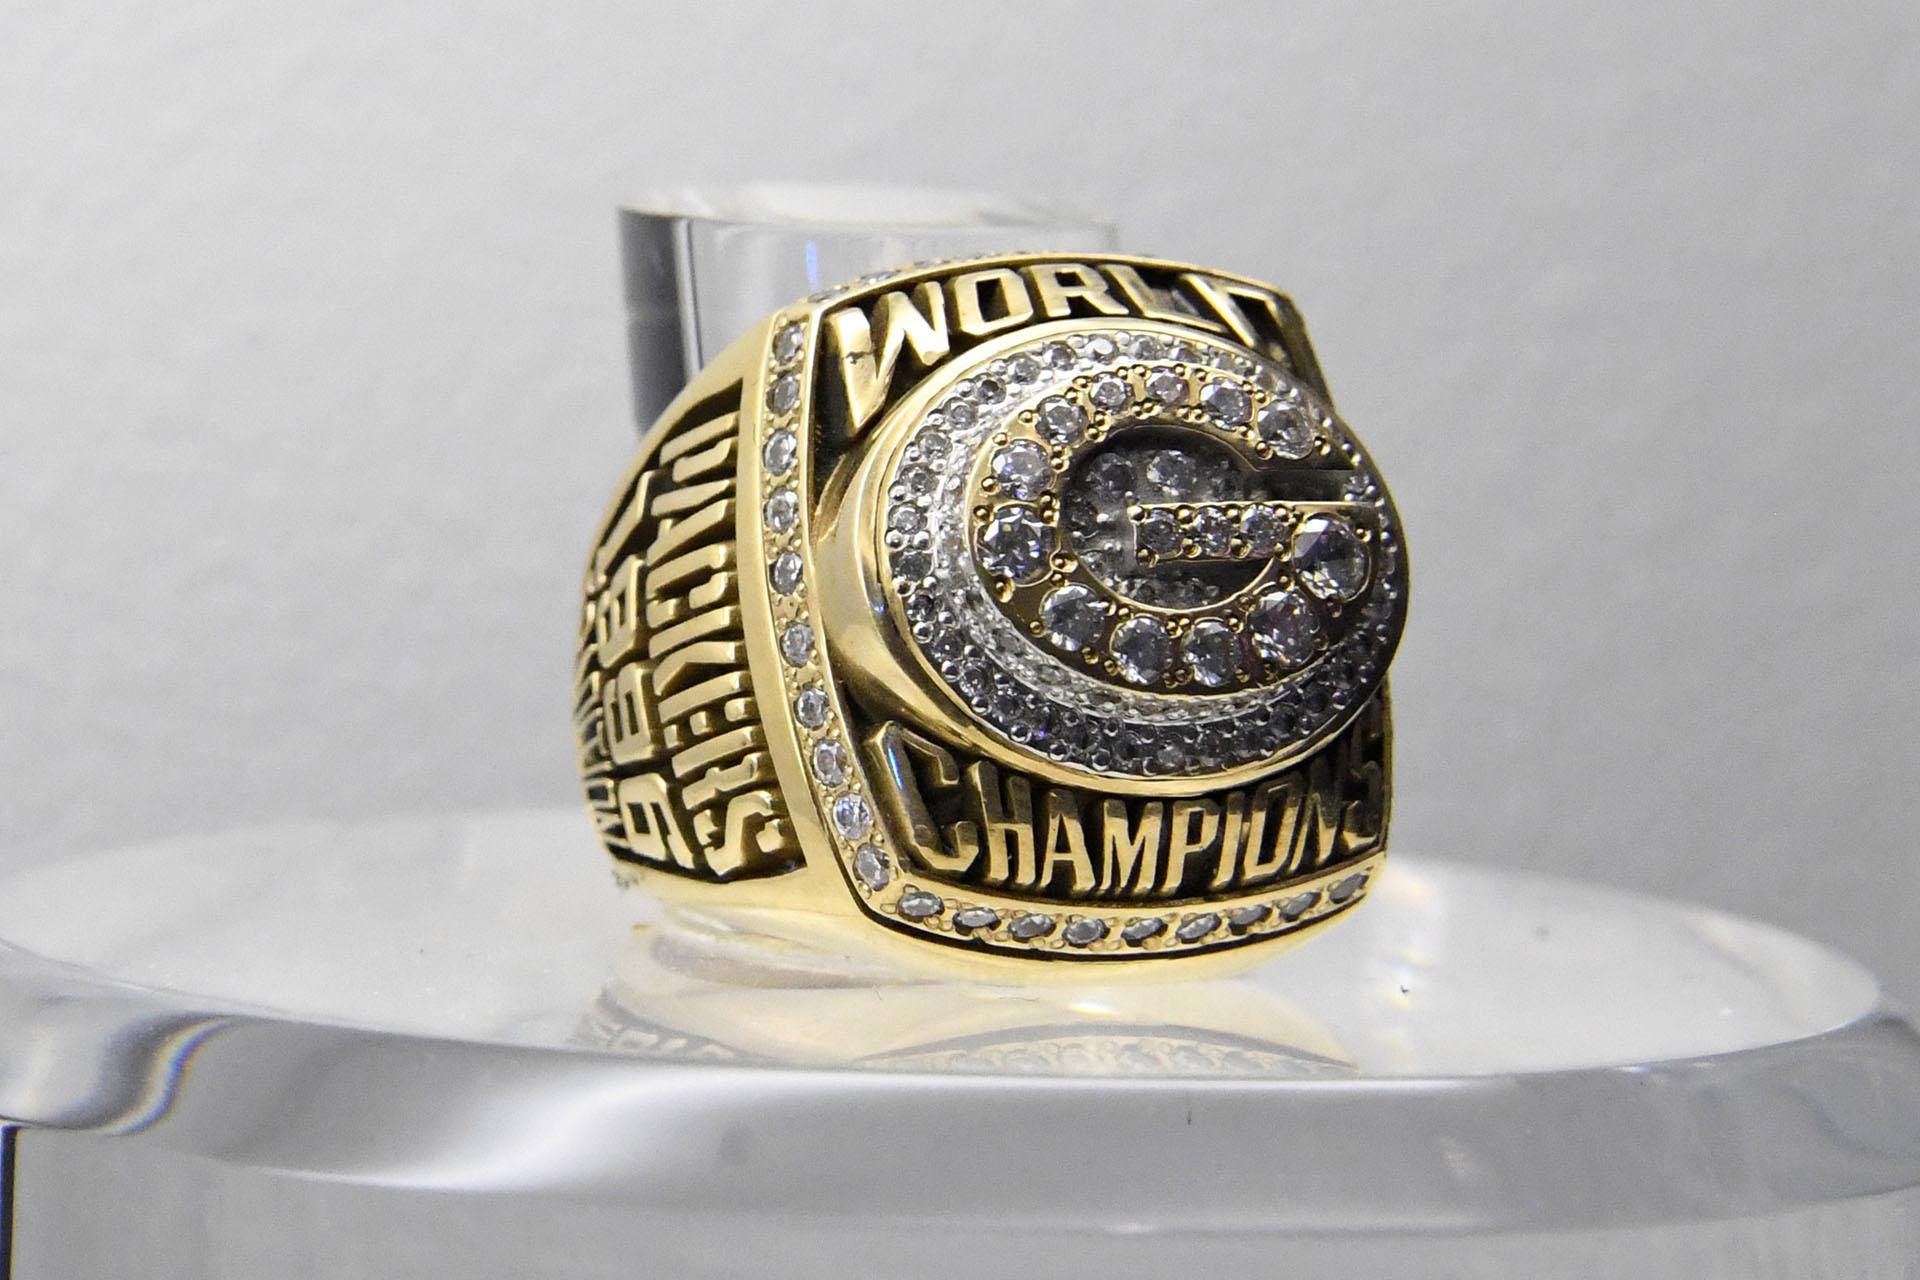 El anillo que recuerda a los Green Bay Packers que en 1997 vencieron a los New England Patriots por 35 a 21 y se quedaron con el Super Bowl XXXI